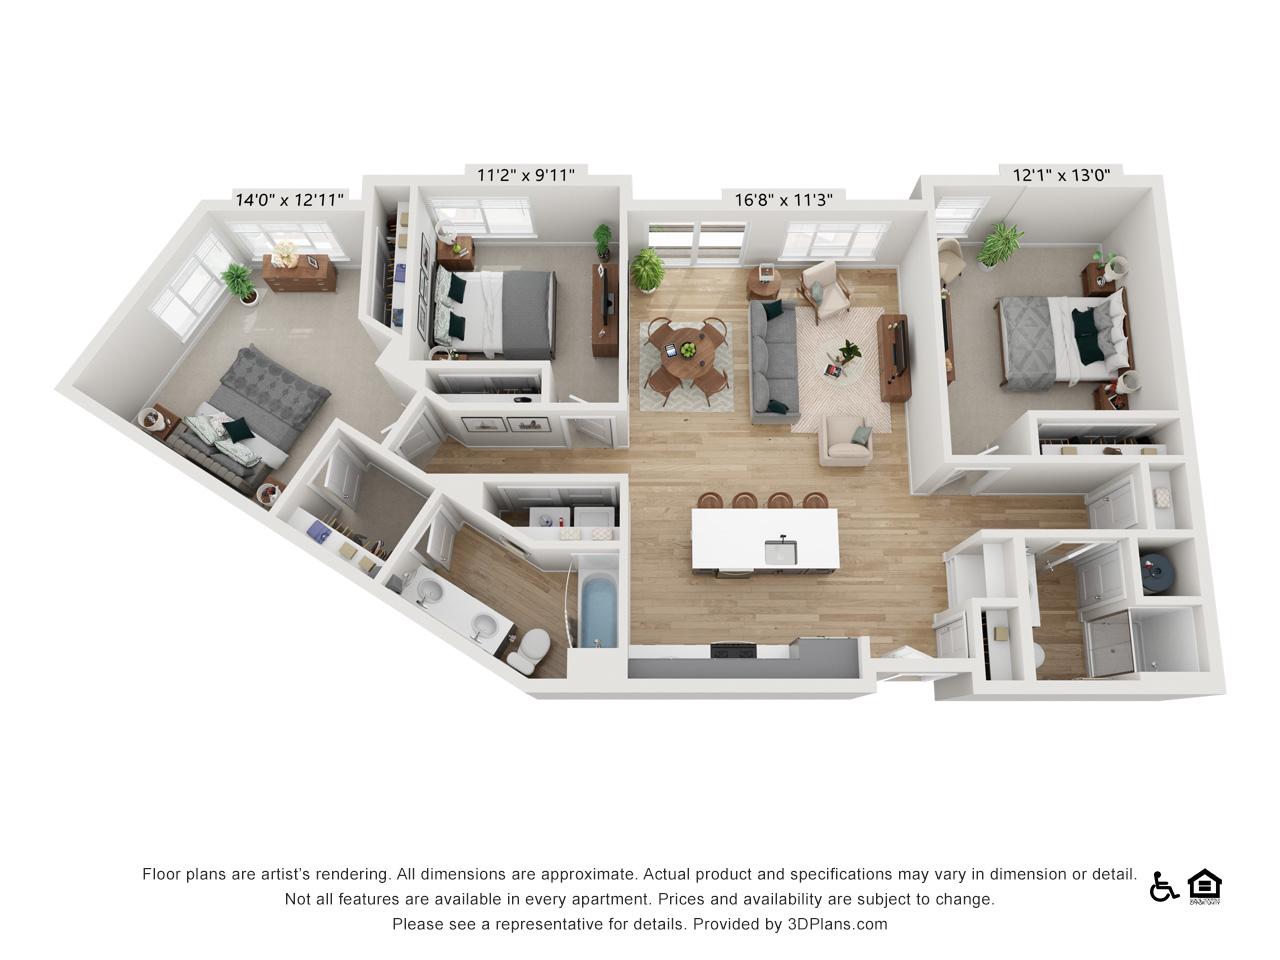 Three Bedroom A | 3 Bedrooms | 2 Bathrooms | 1,371 sq ft